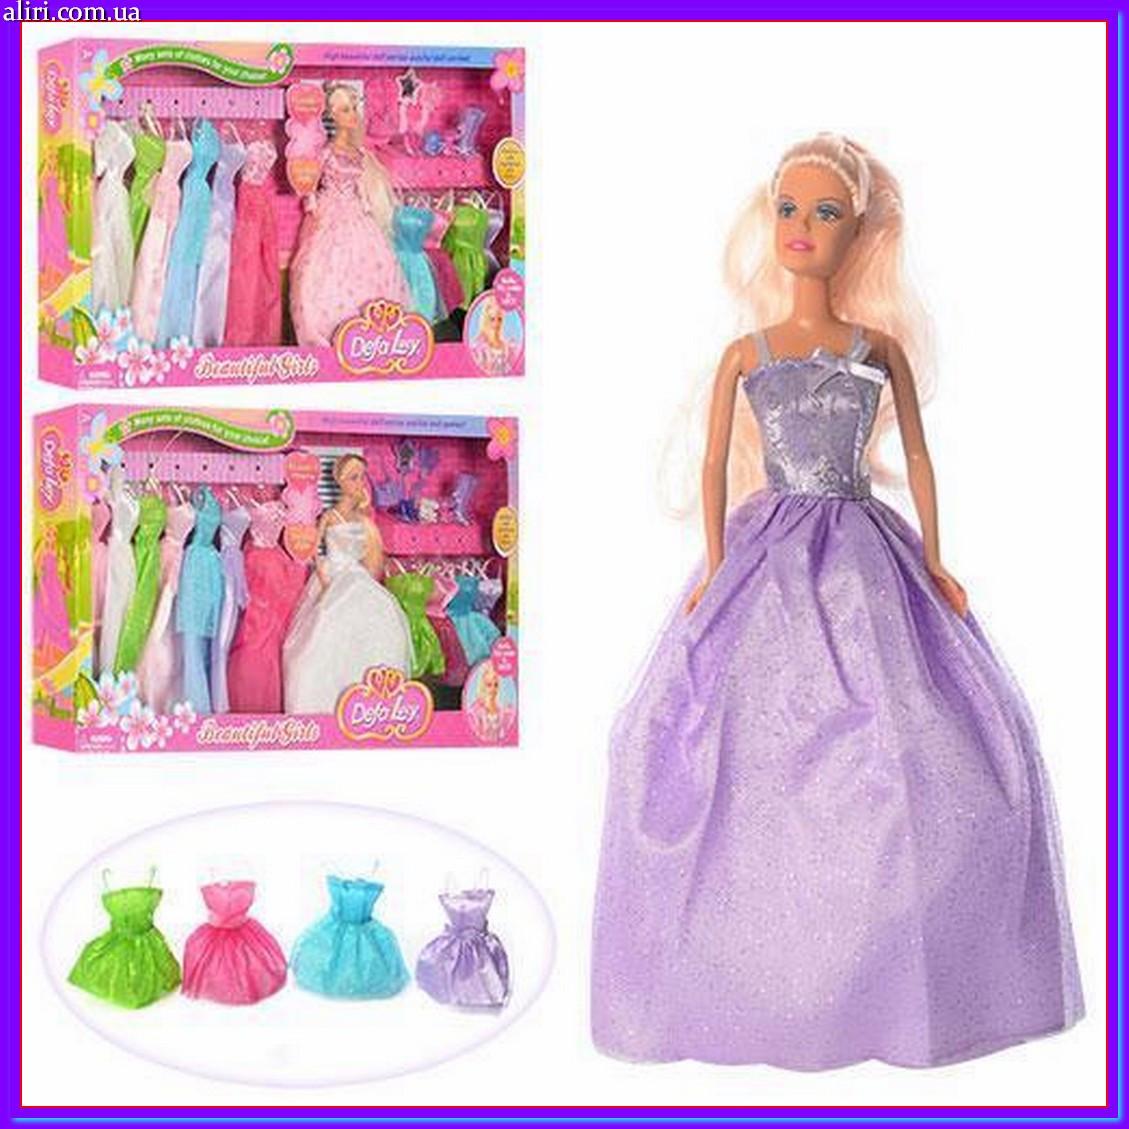 Кукла с платьями и аксессуарами в коробке DEFA 8027